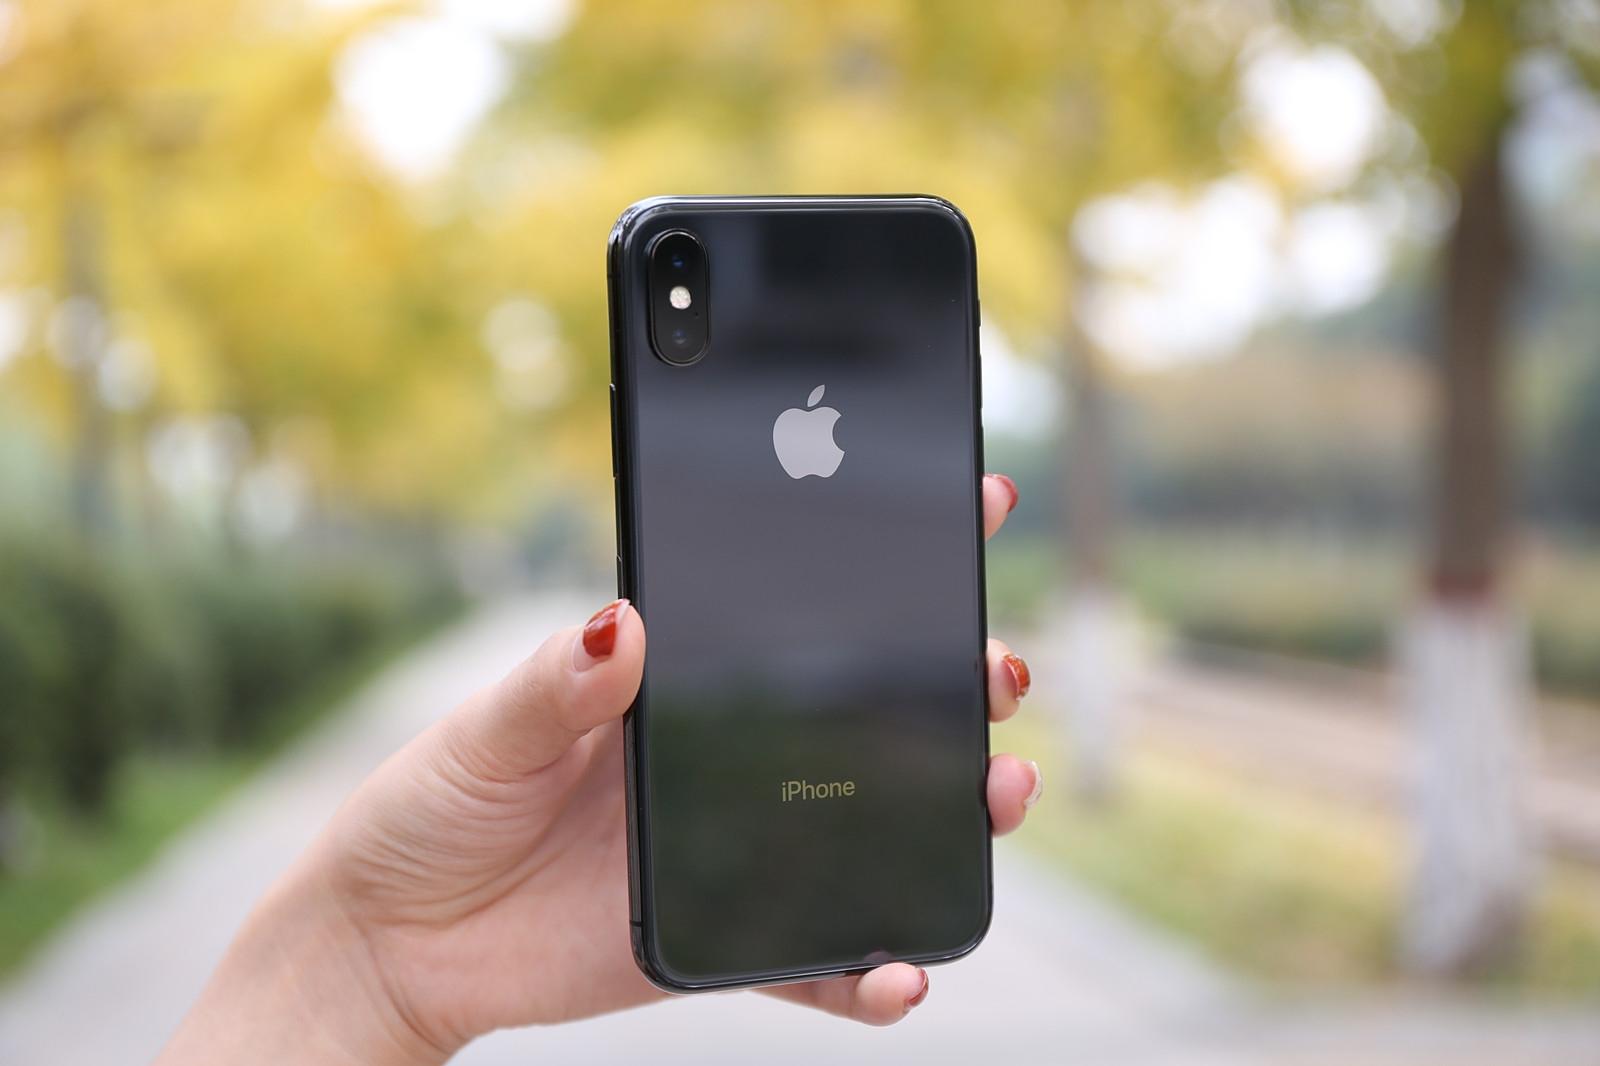 苹果CEO库克回应反垄断调查:不让步 商店30%抽成合理